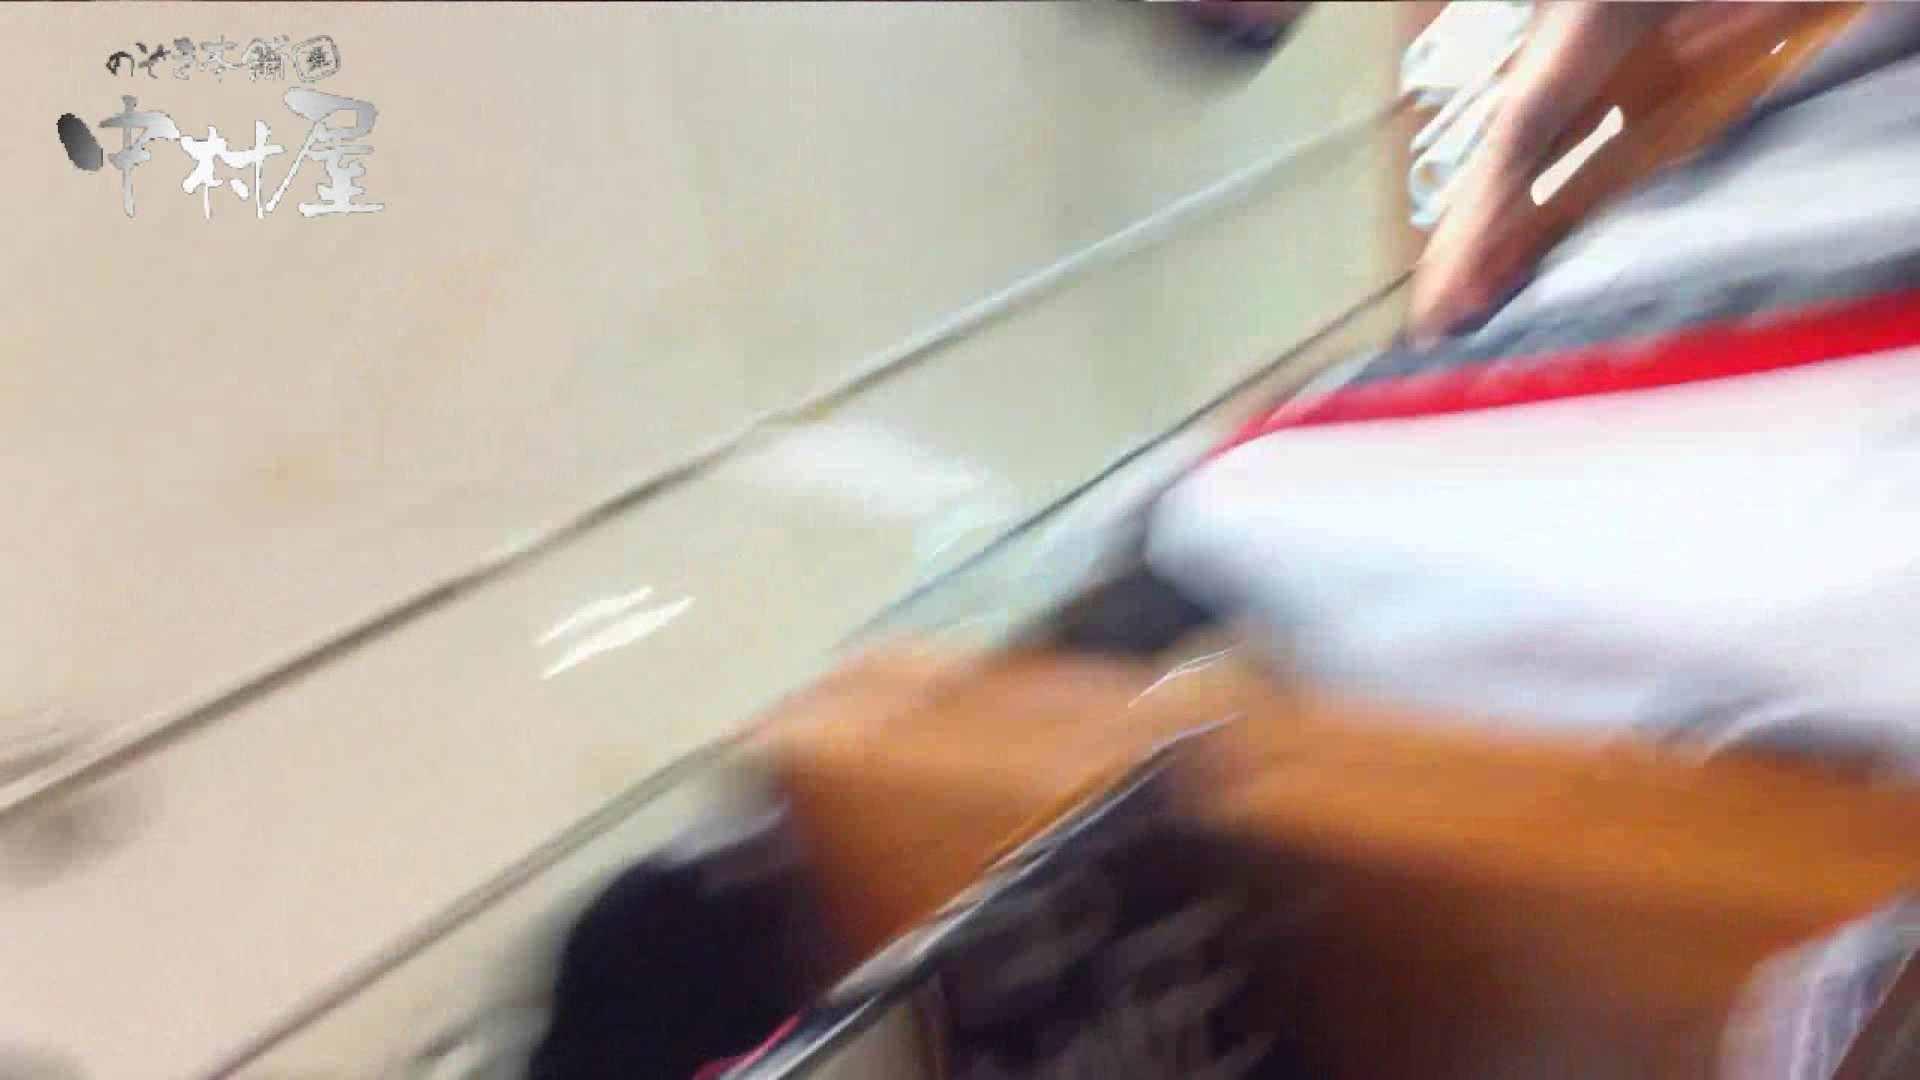 vol.52 美人アパレル胸チラ&パンチラ おとなしそうな店員の胸元にアタック! チラ | 胸チラ  29連発 1